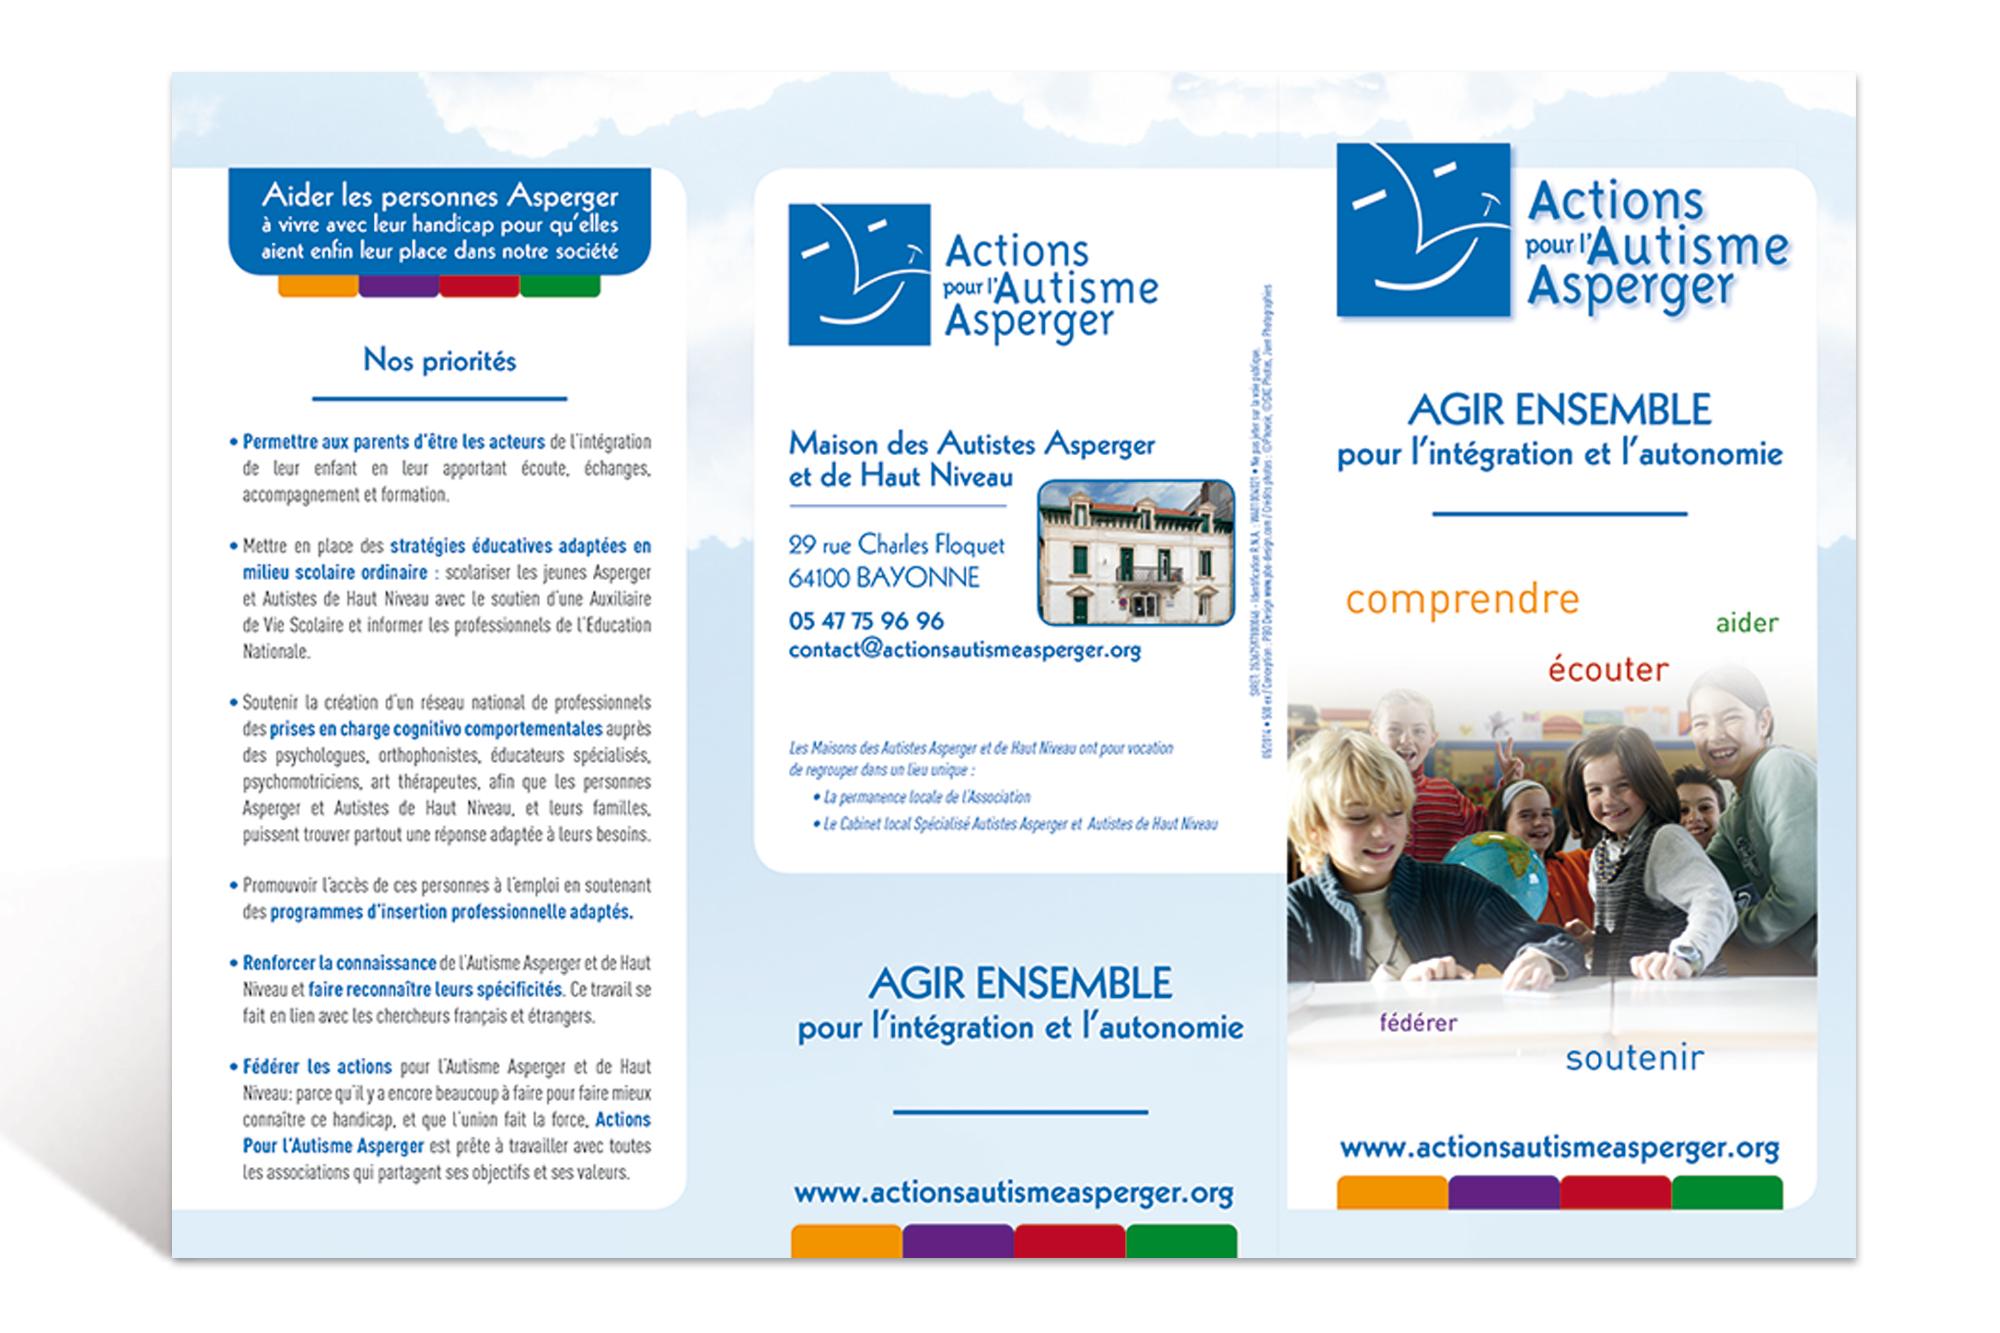 Dépliant Actions pour l'Autisme Asperger 2